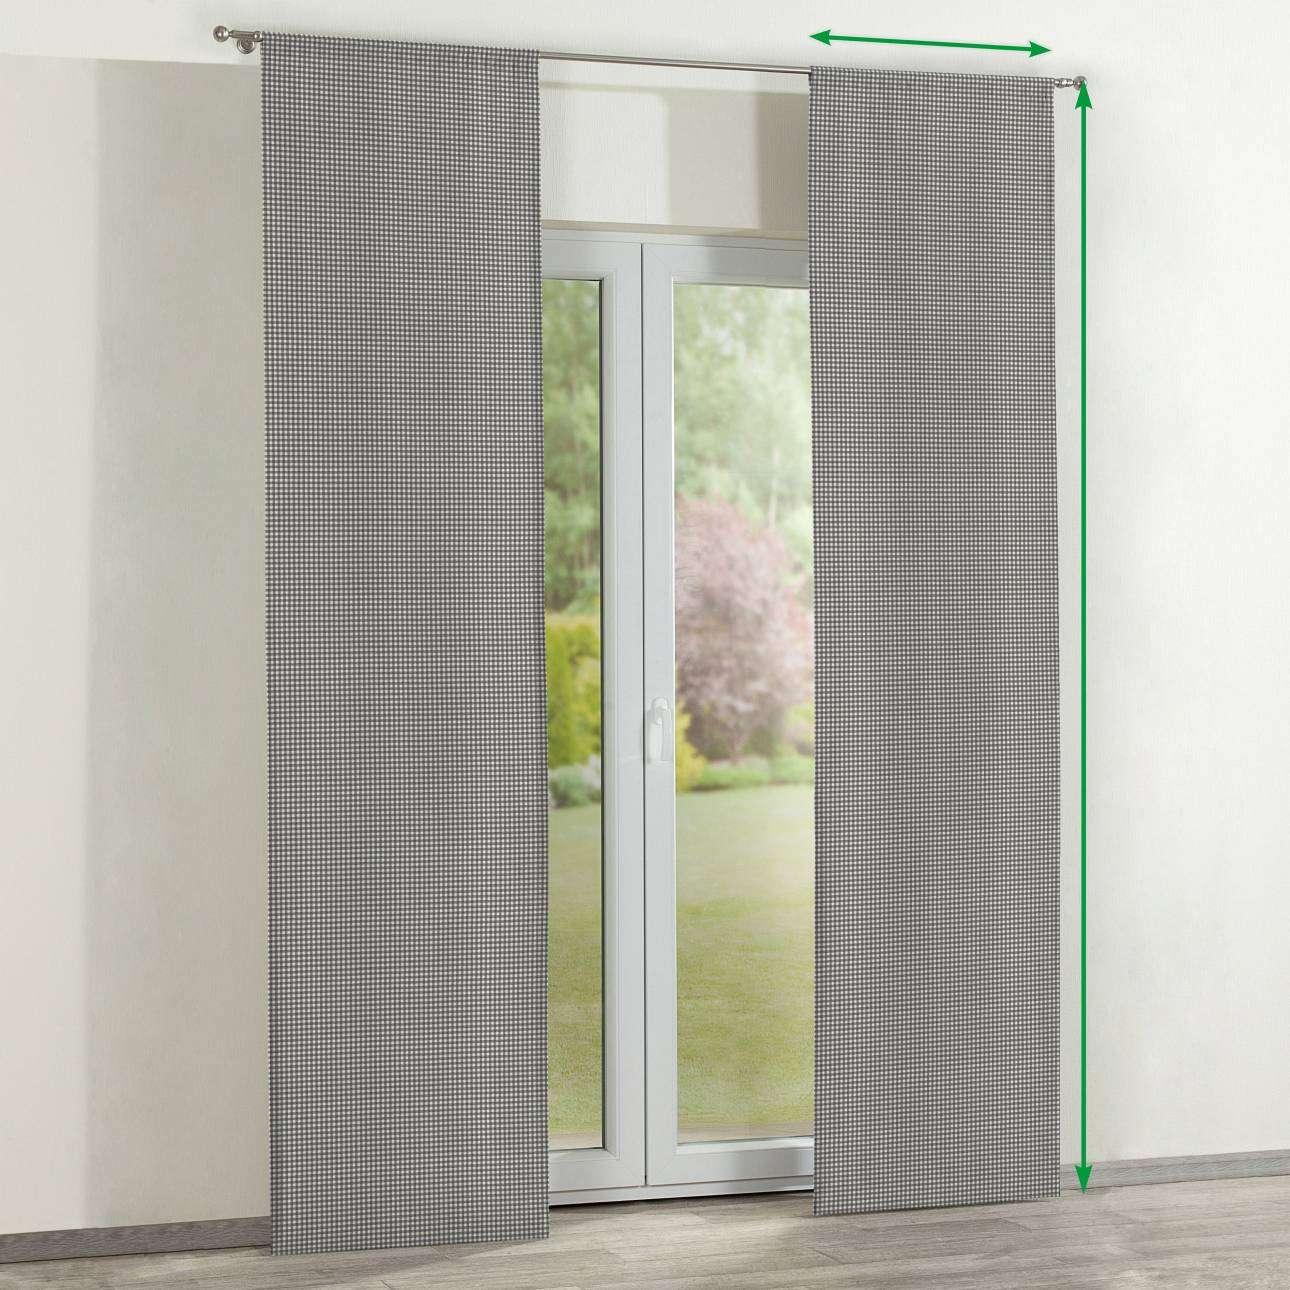 Zasłony panelowe 2 szt. w kolekcji Quadro, tkanina: 136-10